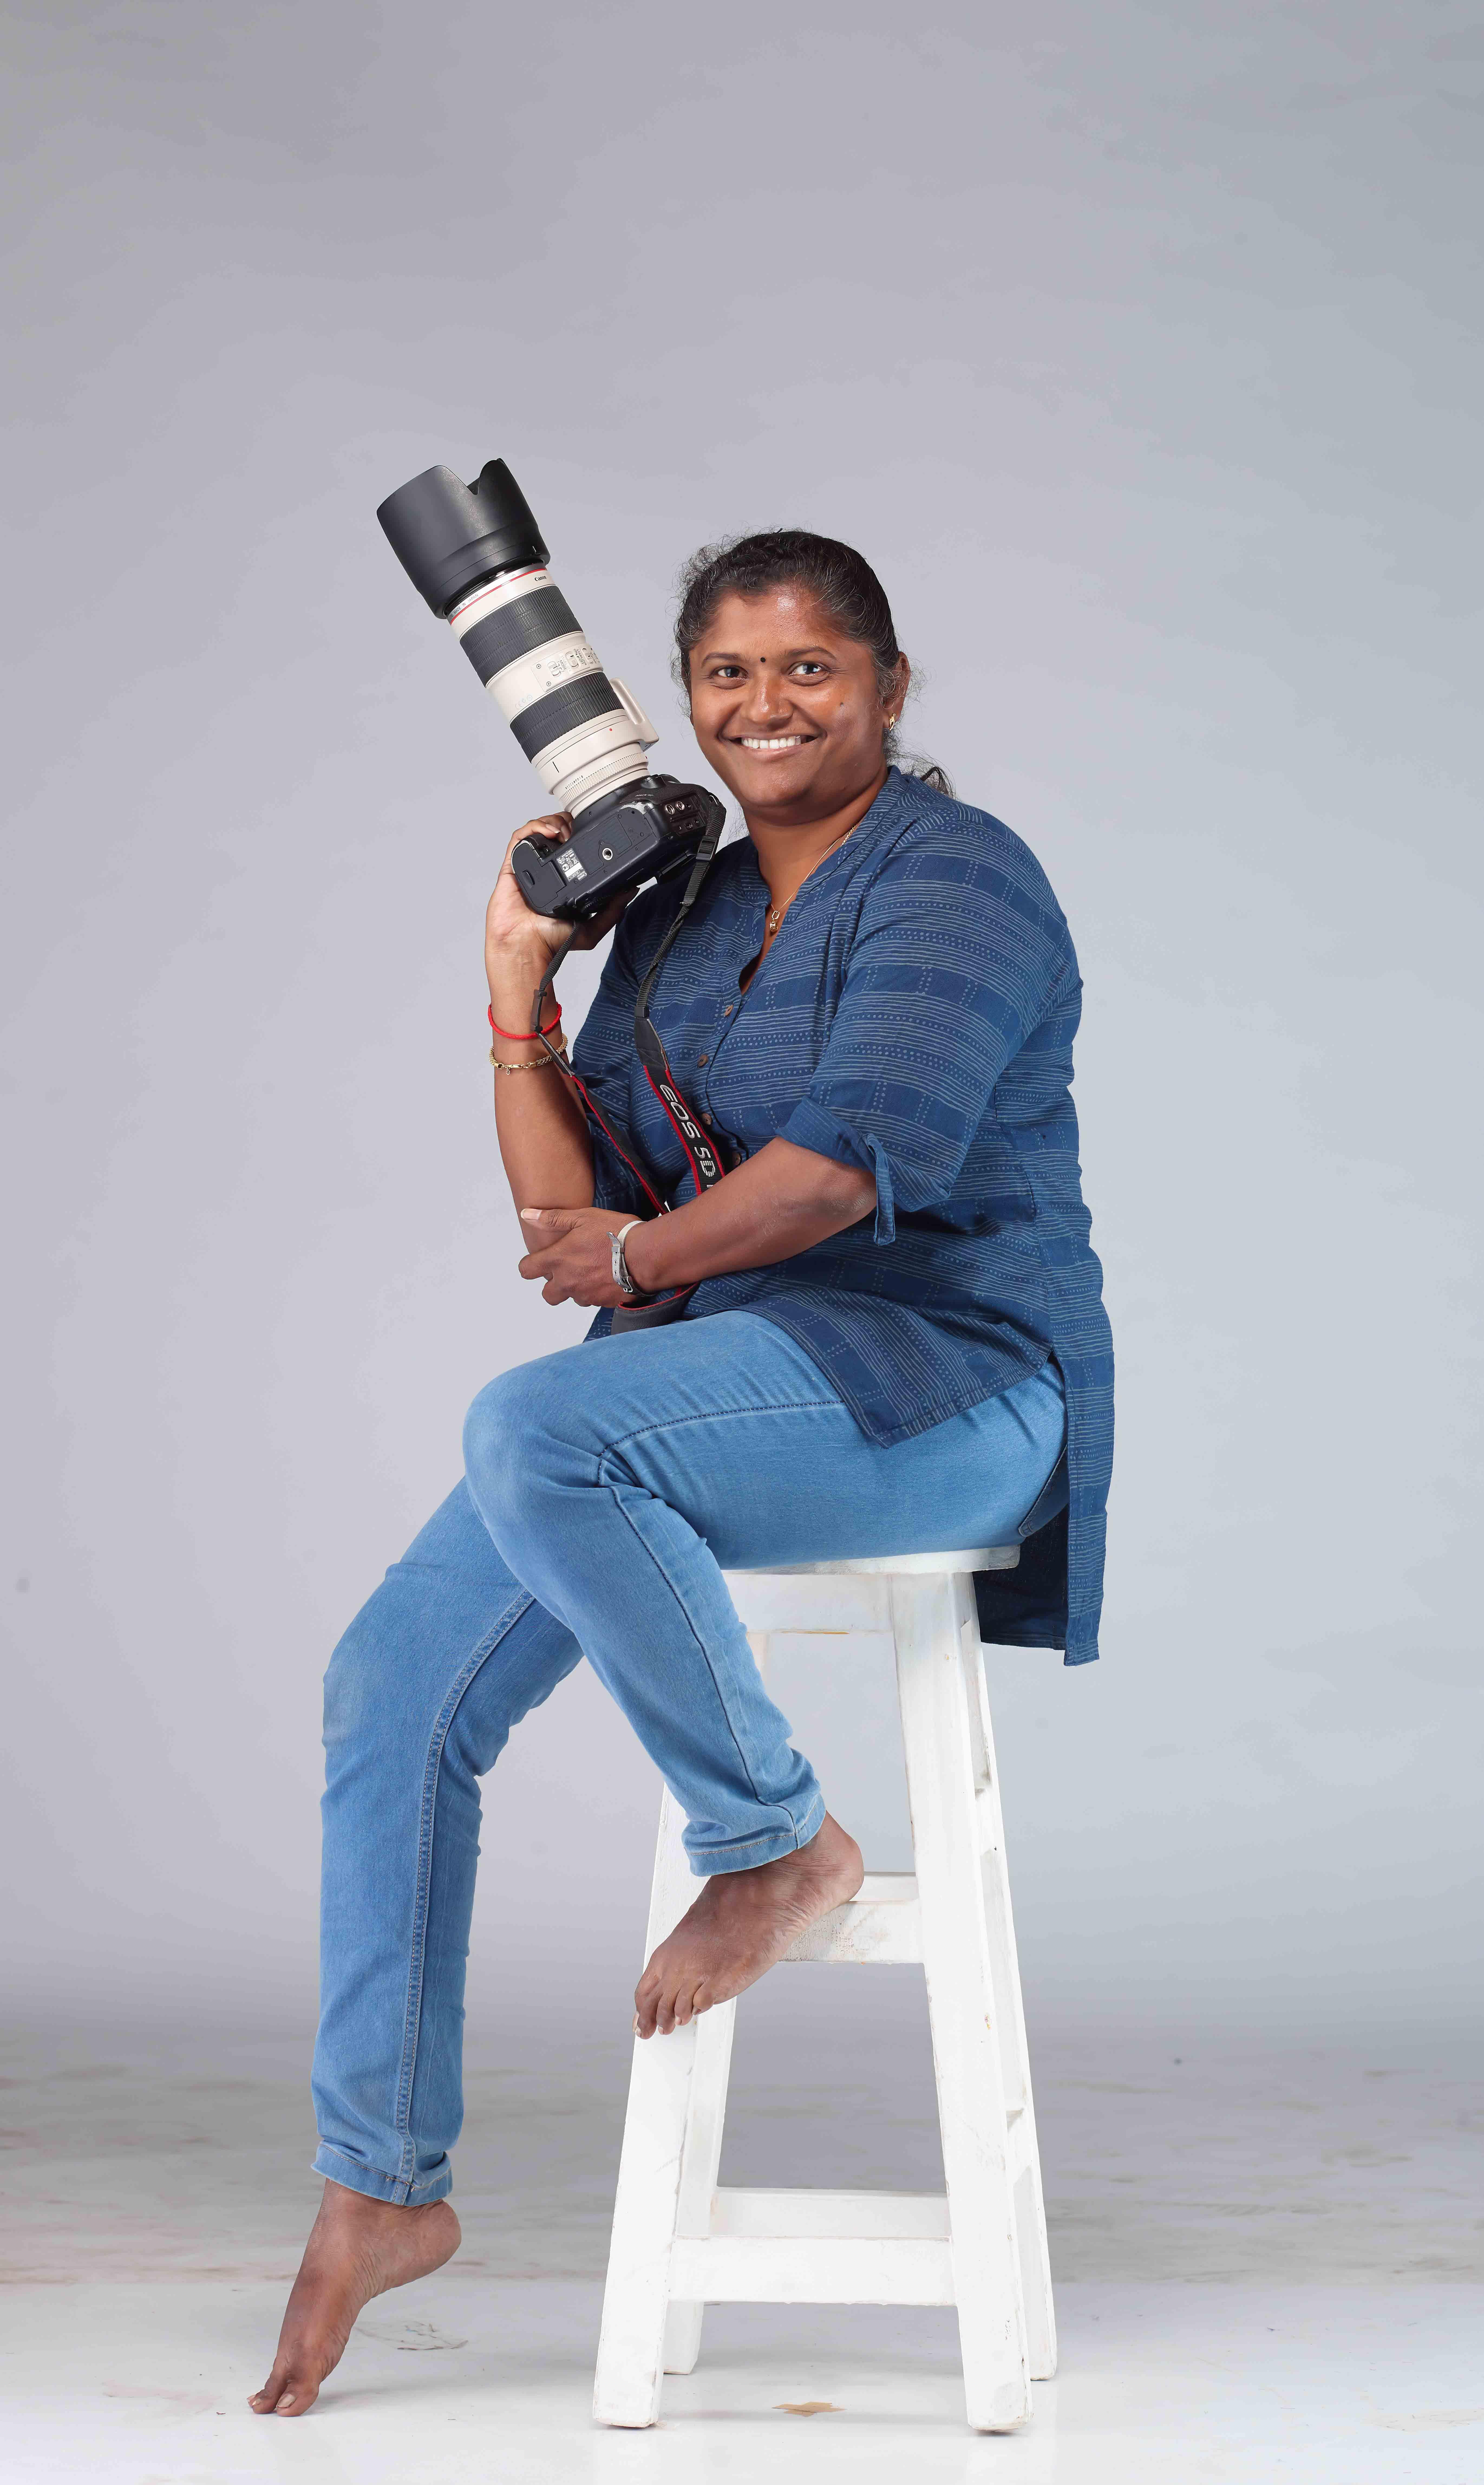 jayanthi Photography